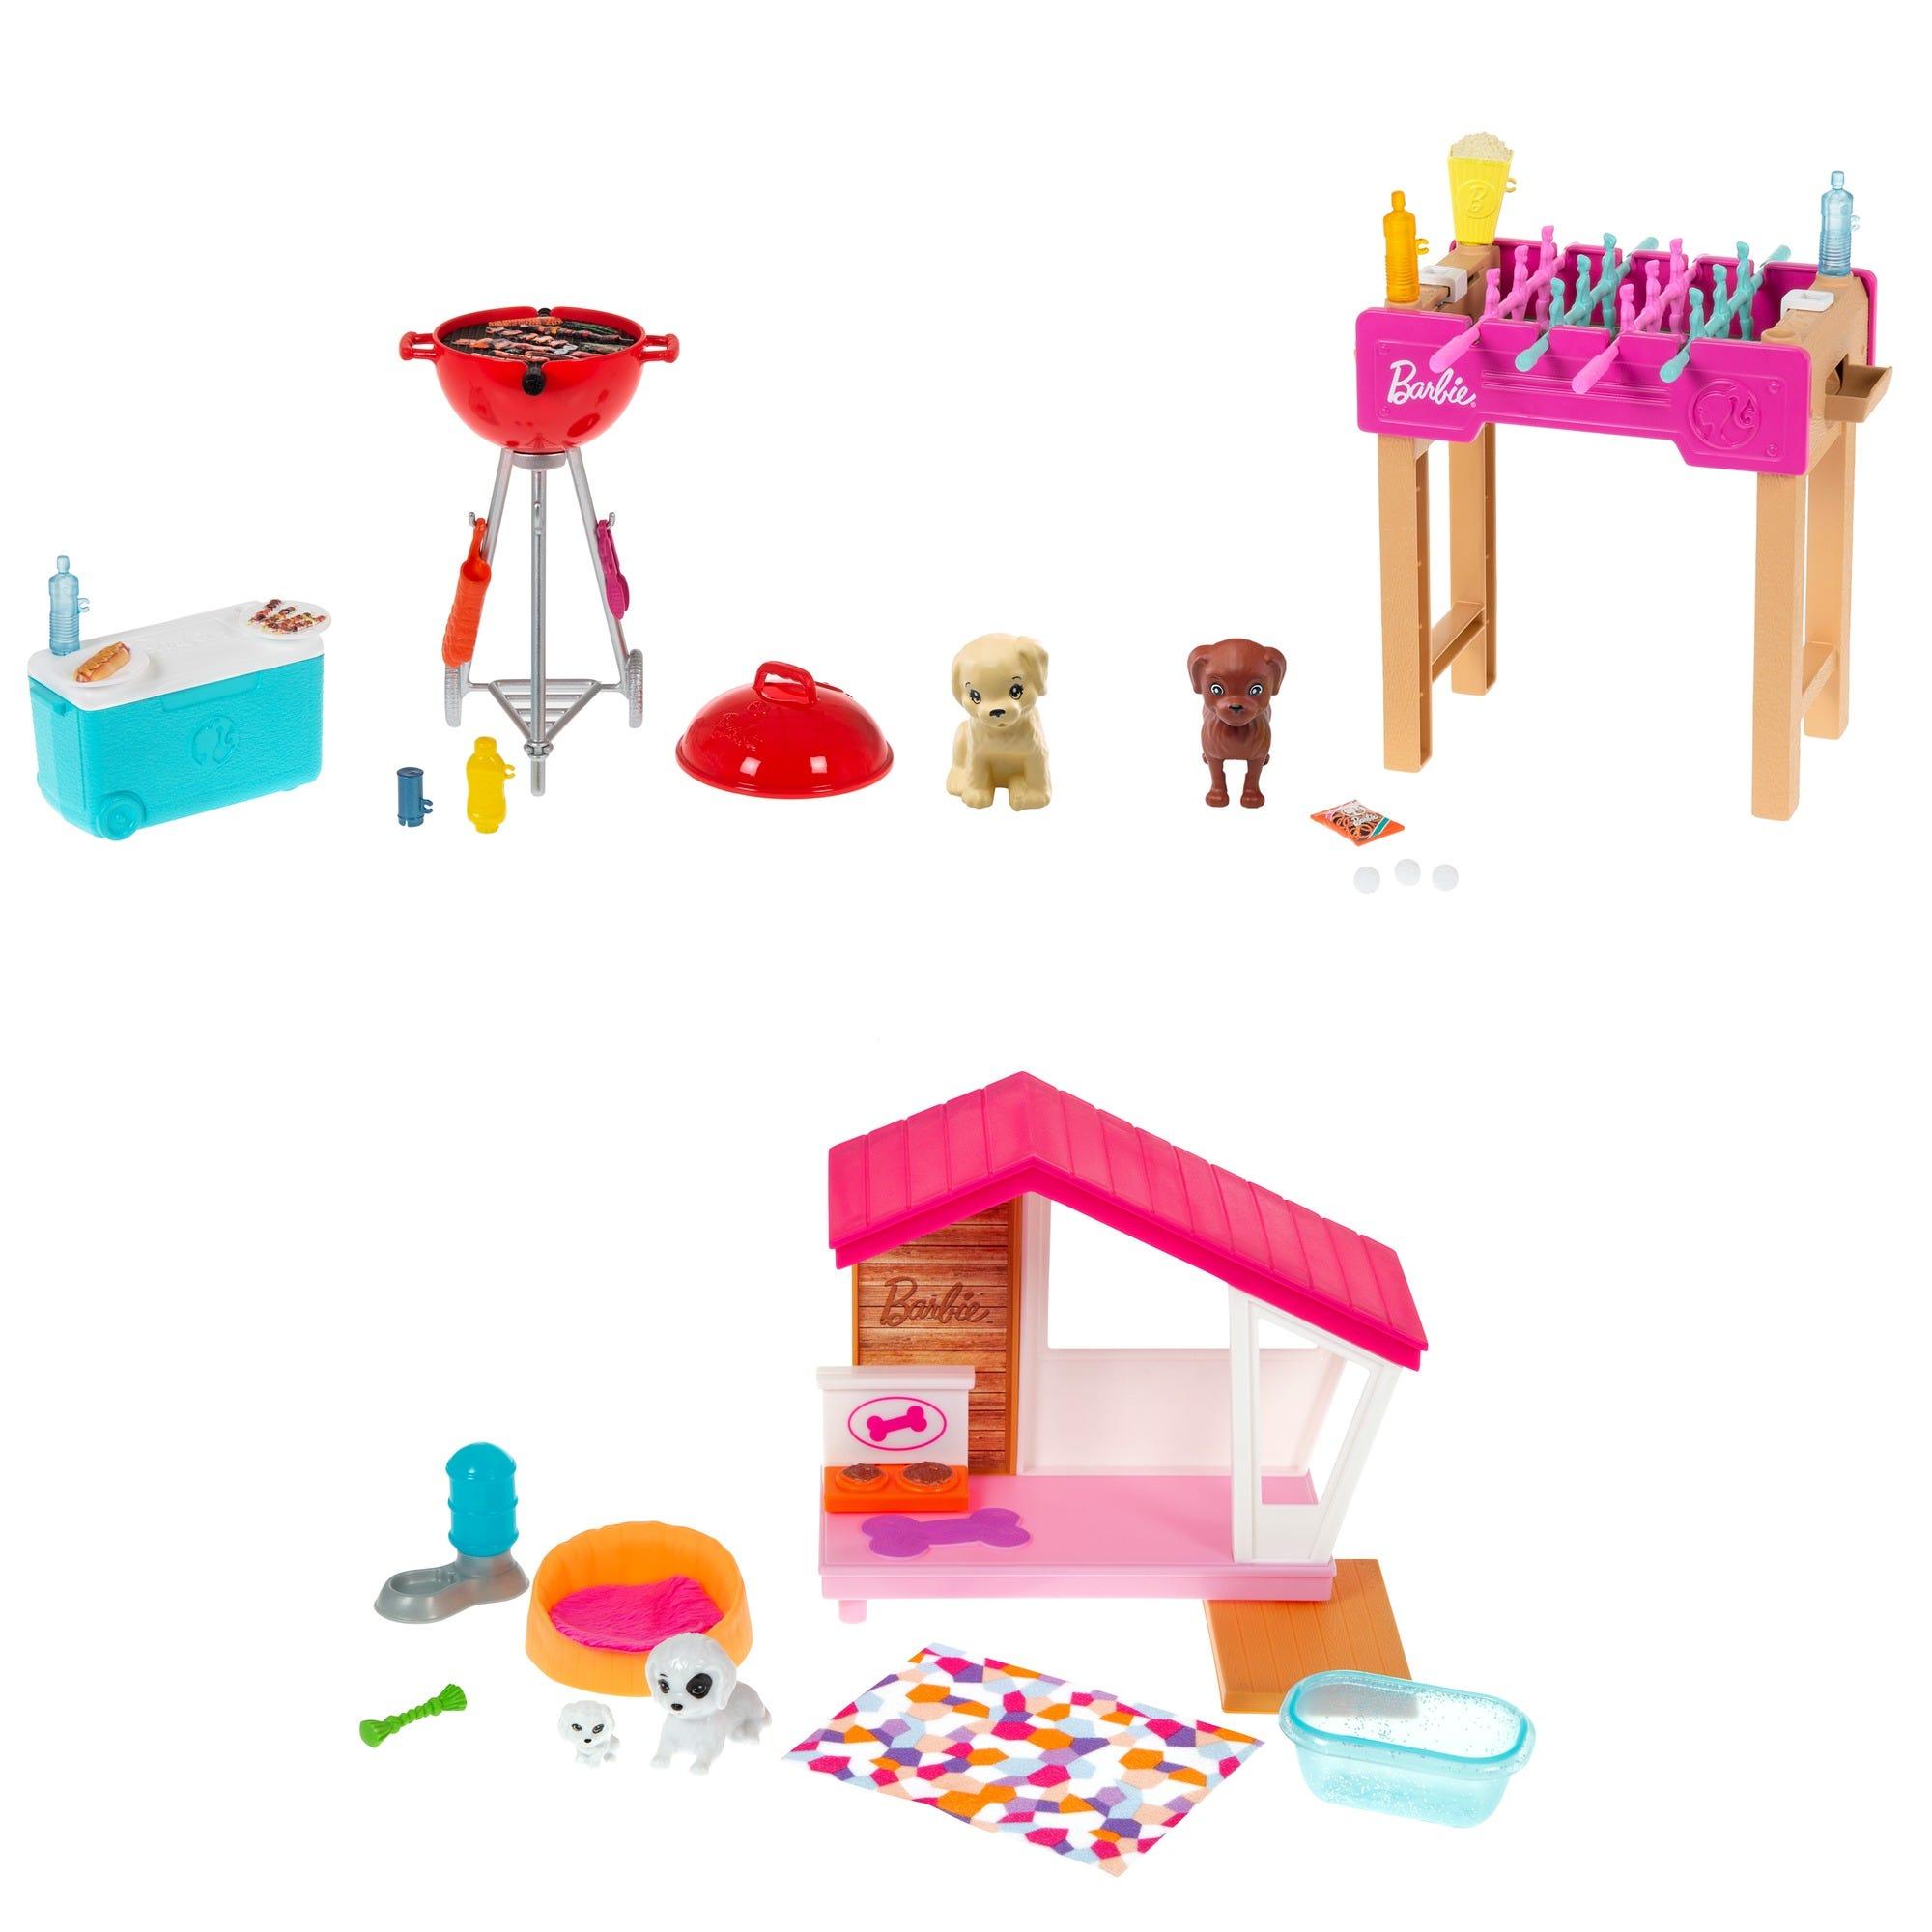 Barbie Mini Playset W/Pet Assortment